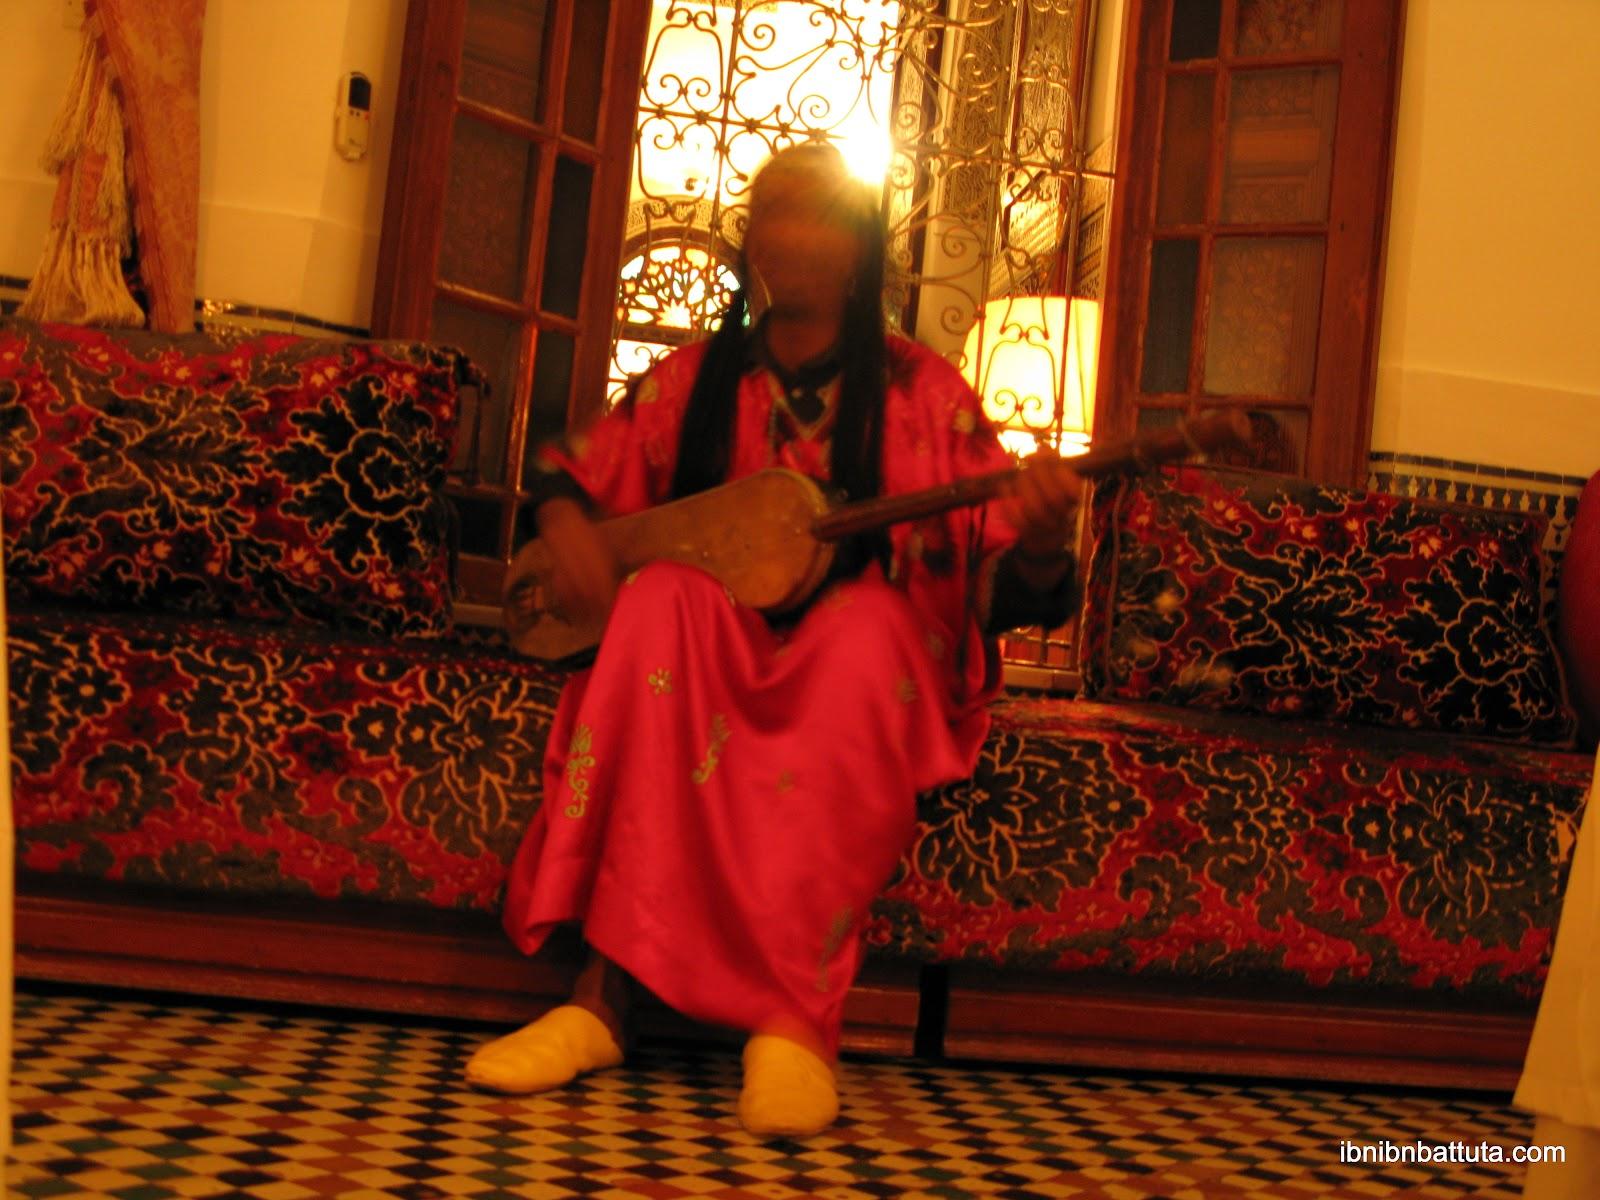 Musician at Maison Bleue (Fes)